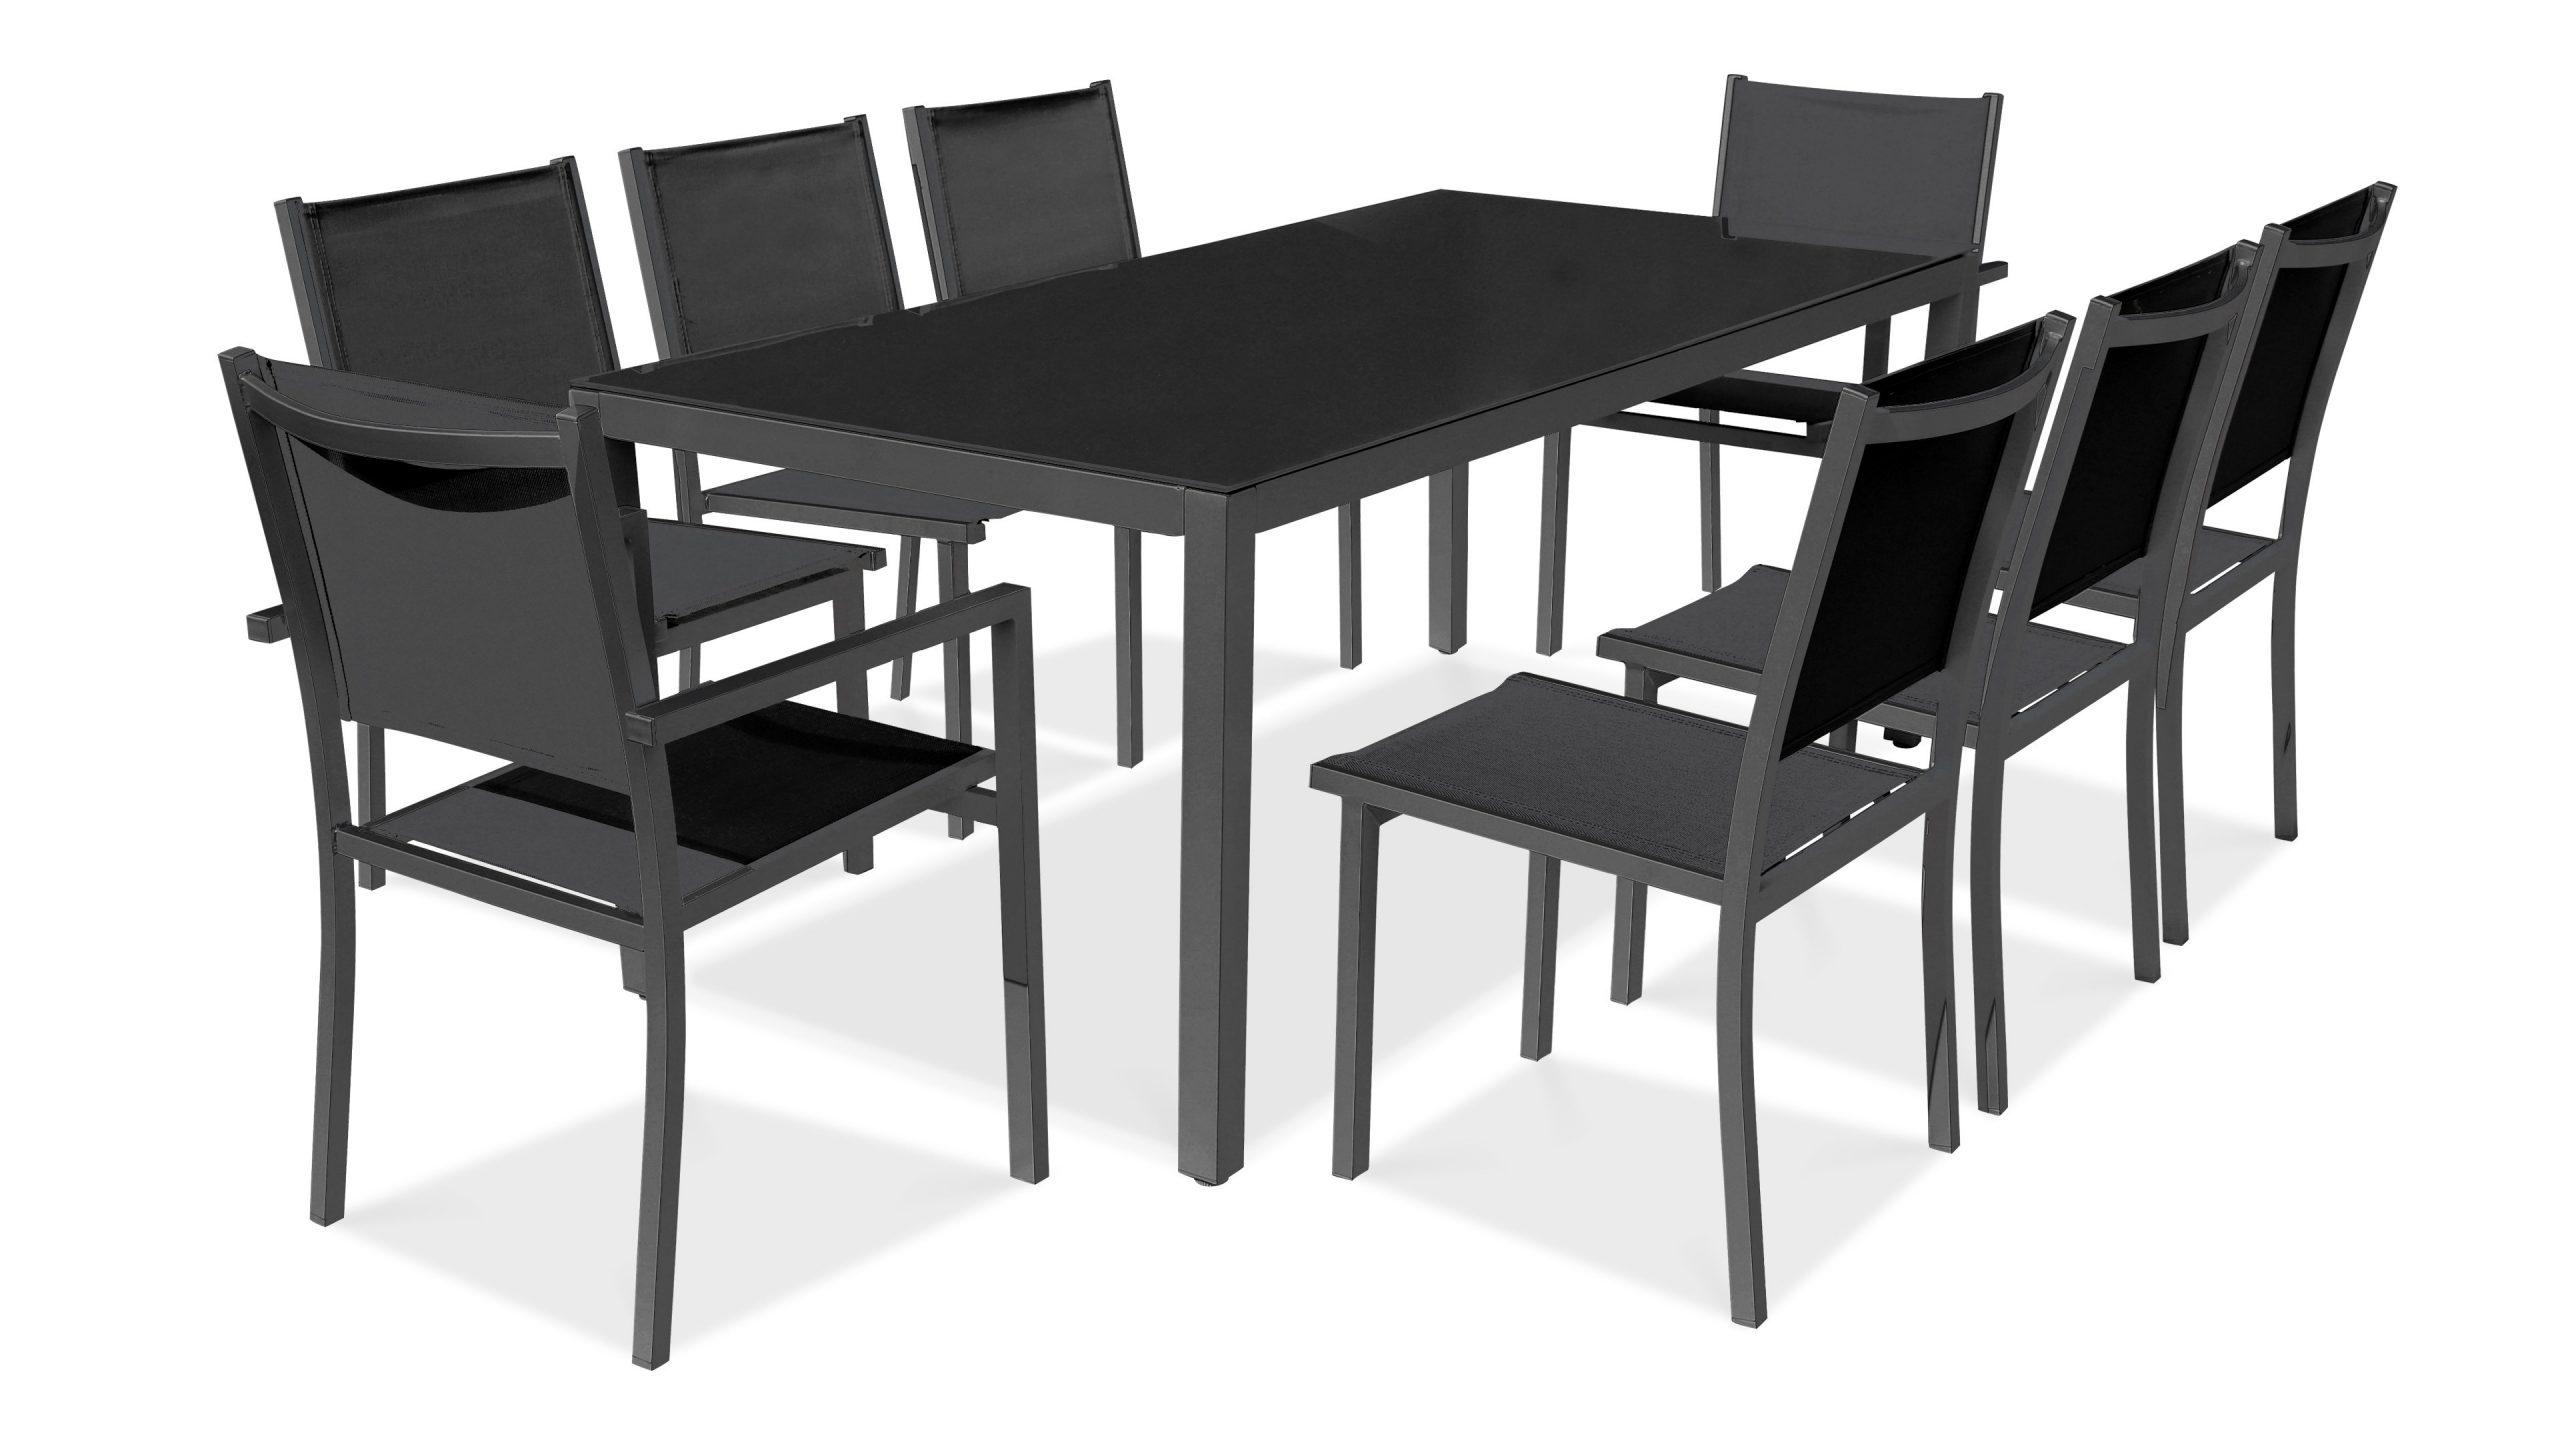 Salon De Jardin Aluminium Table De Jardin 8 Places pour Salon De Jardin Aluminium Et Verre